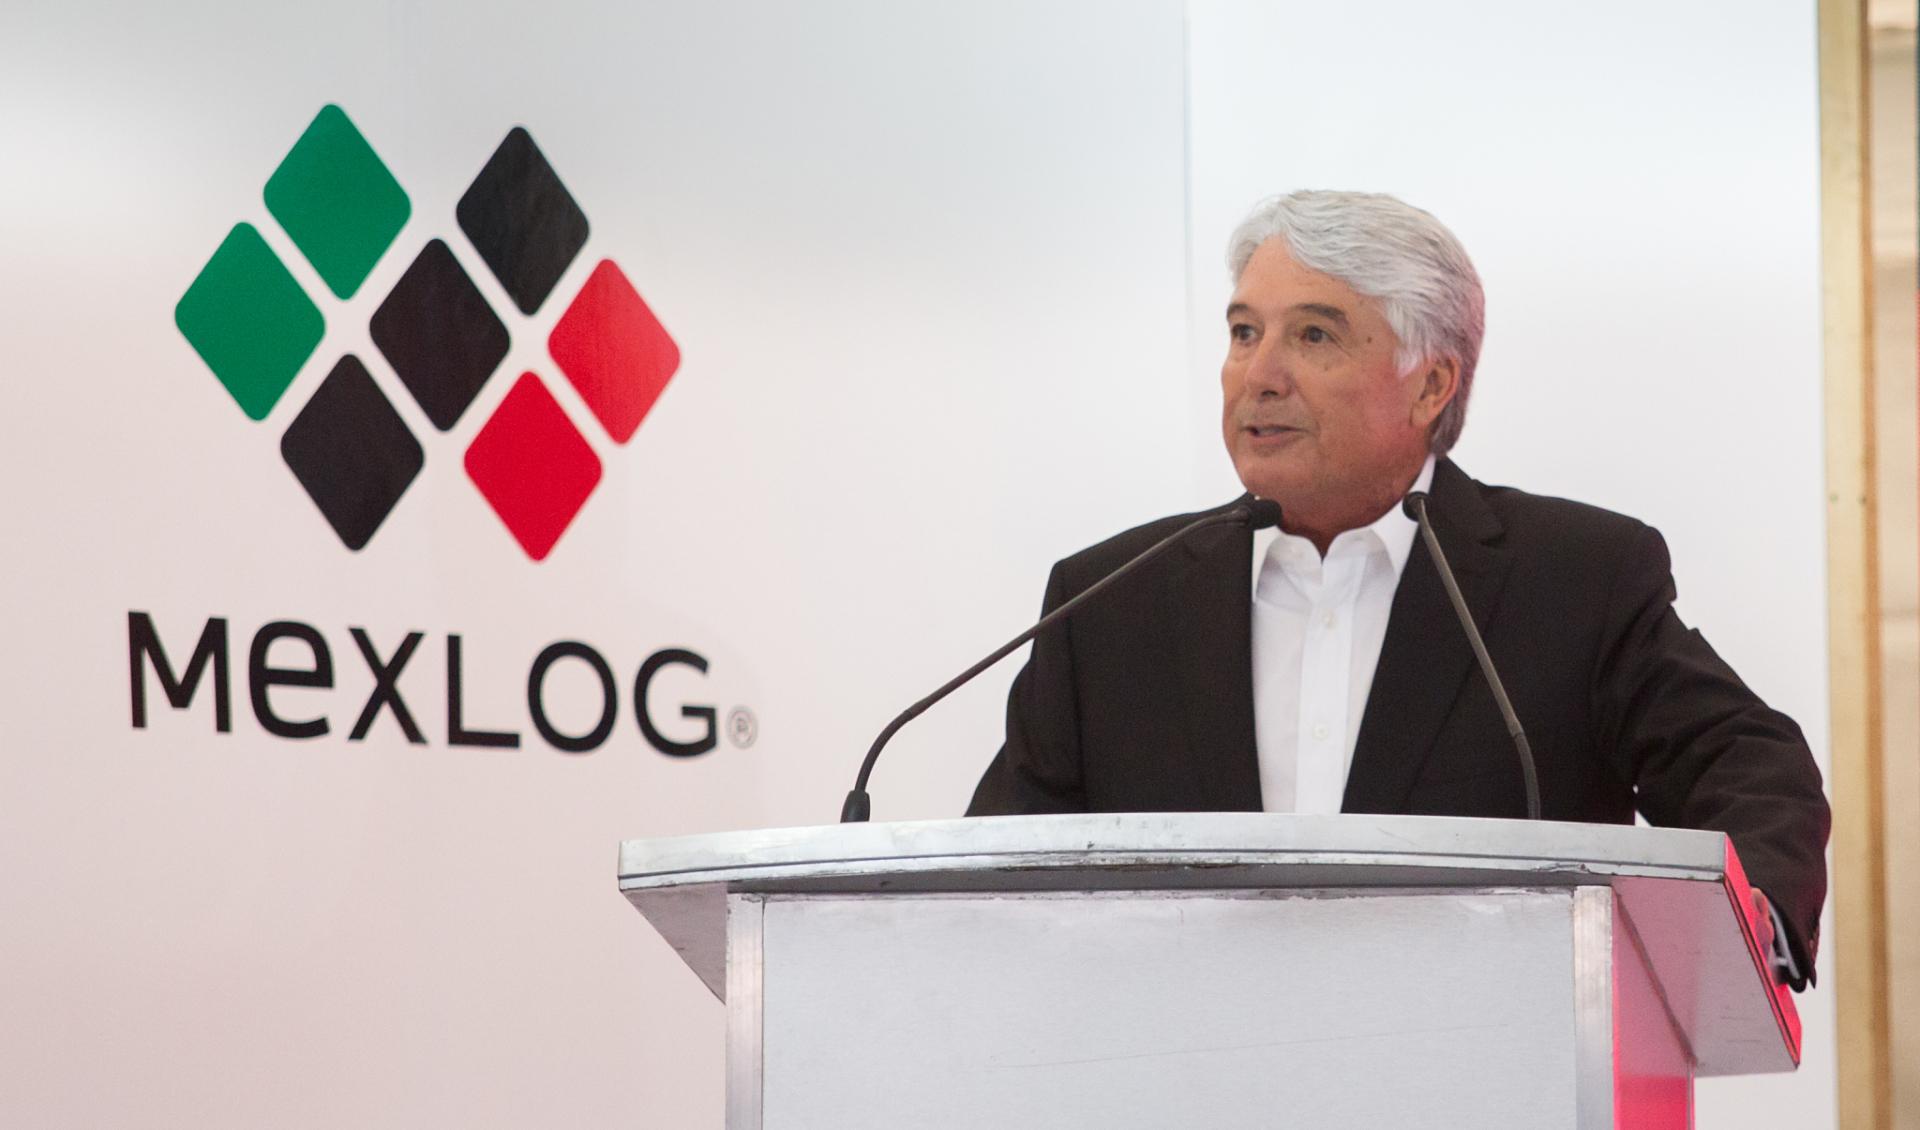 En su 25 aniversario MEXLOG abre centro logístico en Puebla